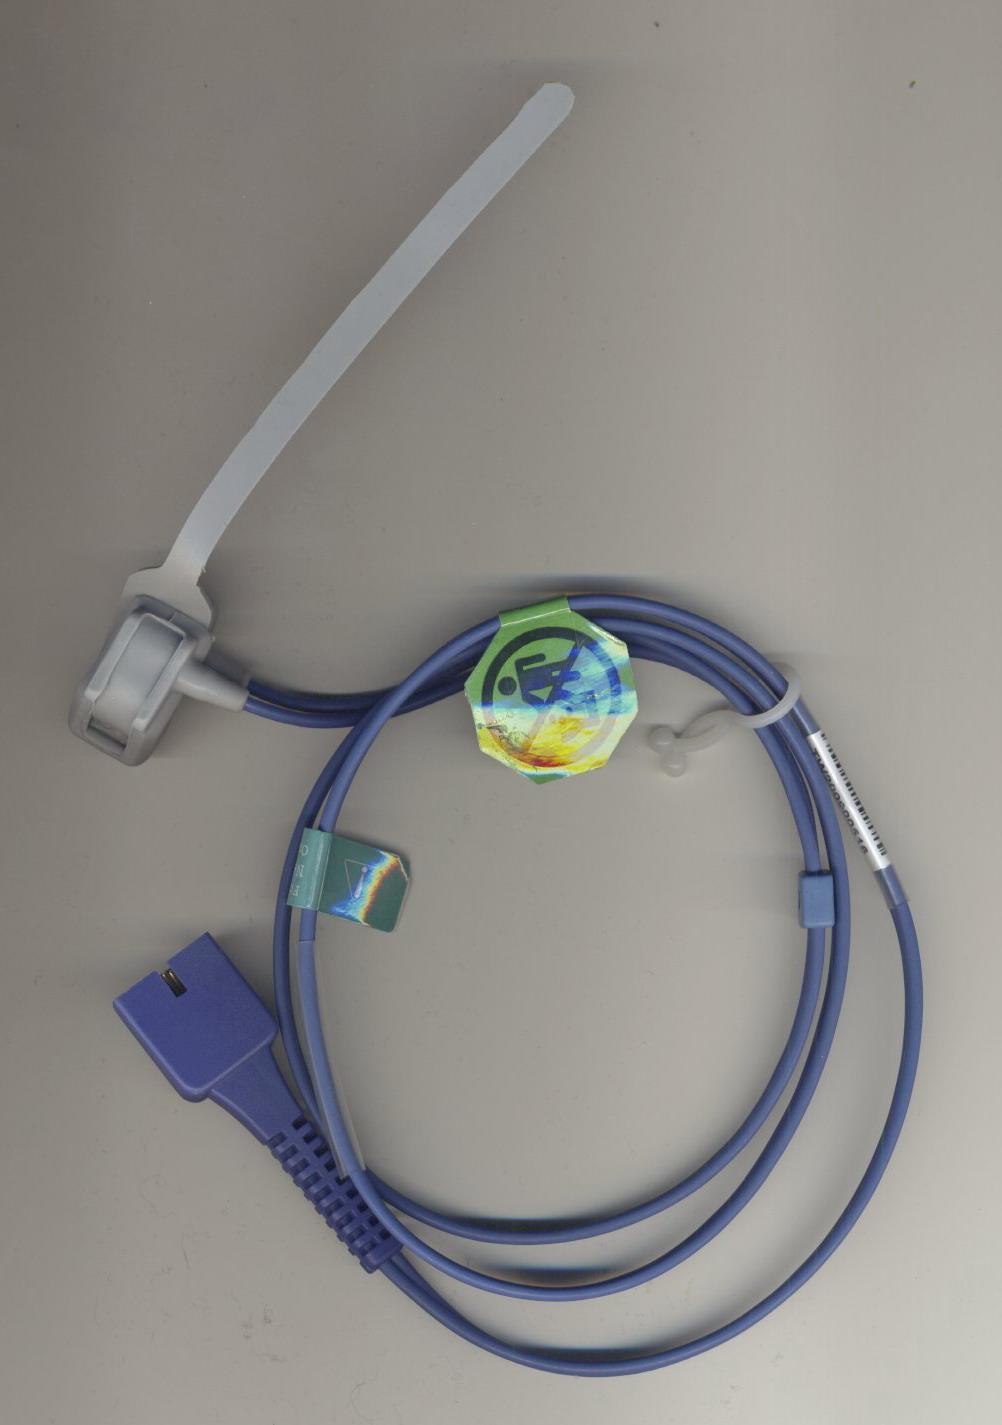 Neonate Spo2 Sensor Soft-D type